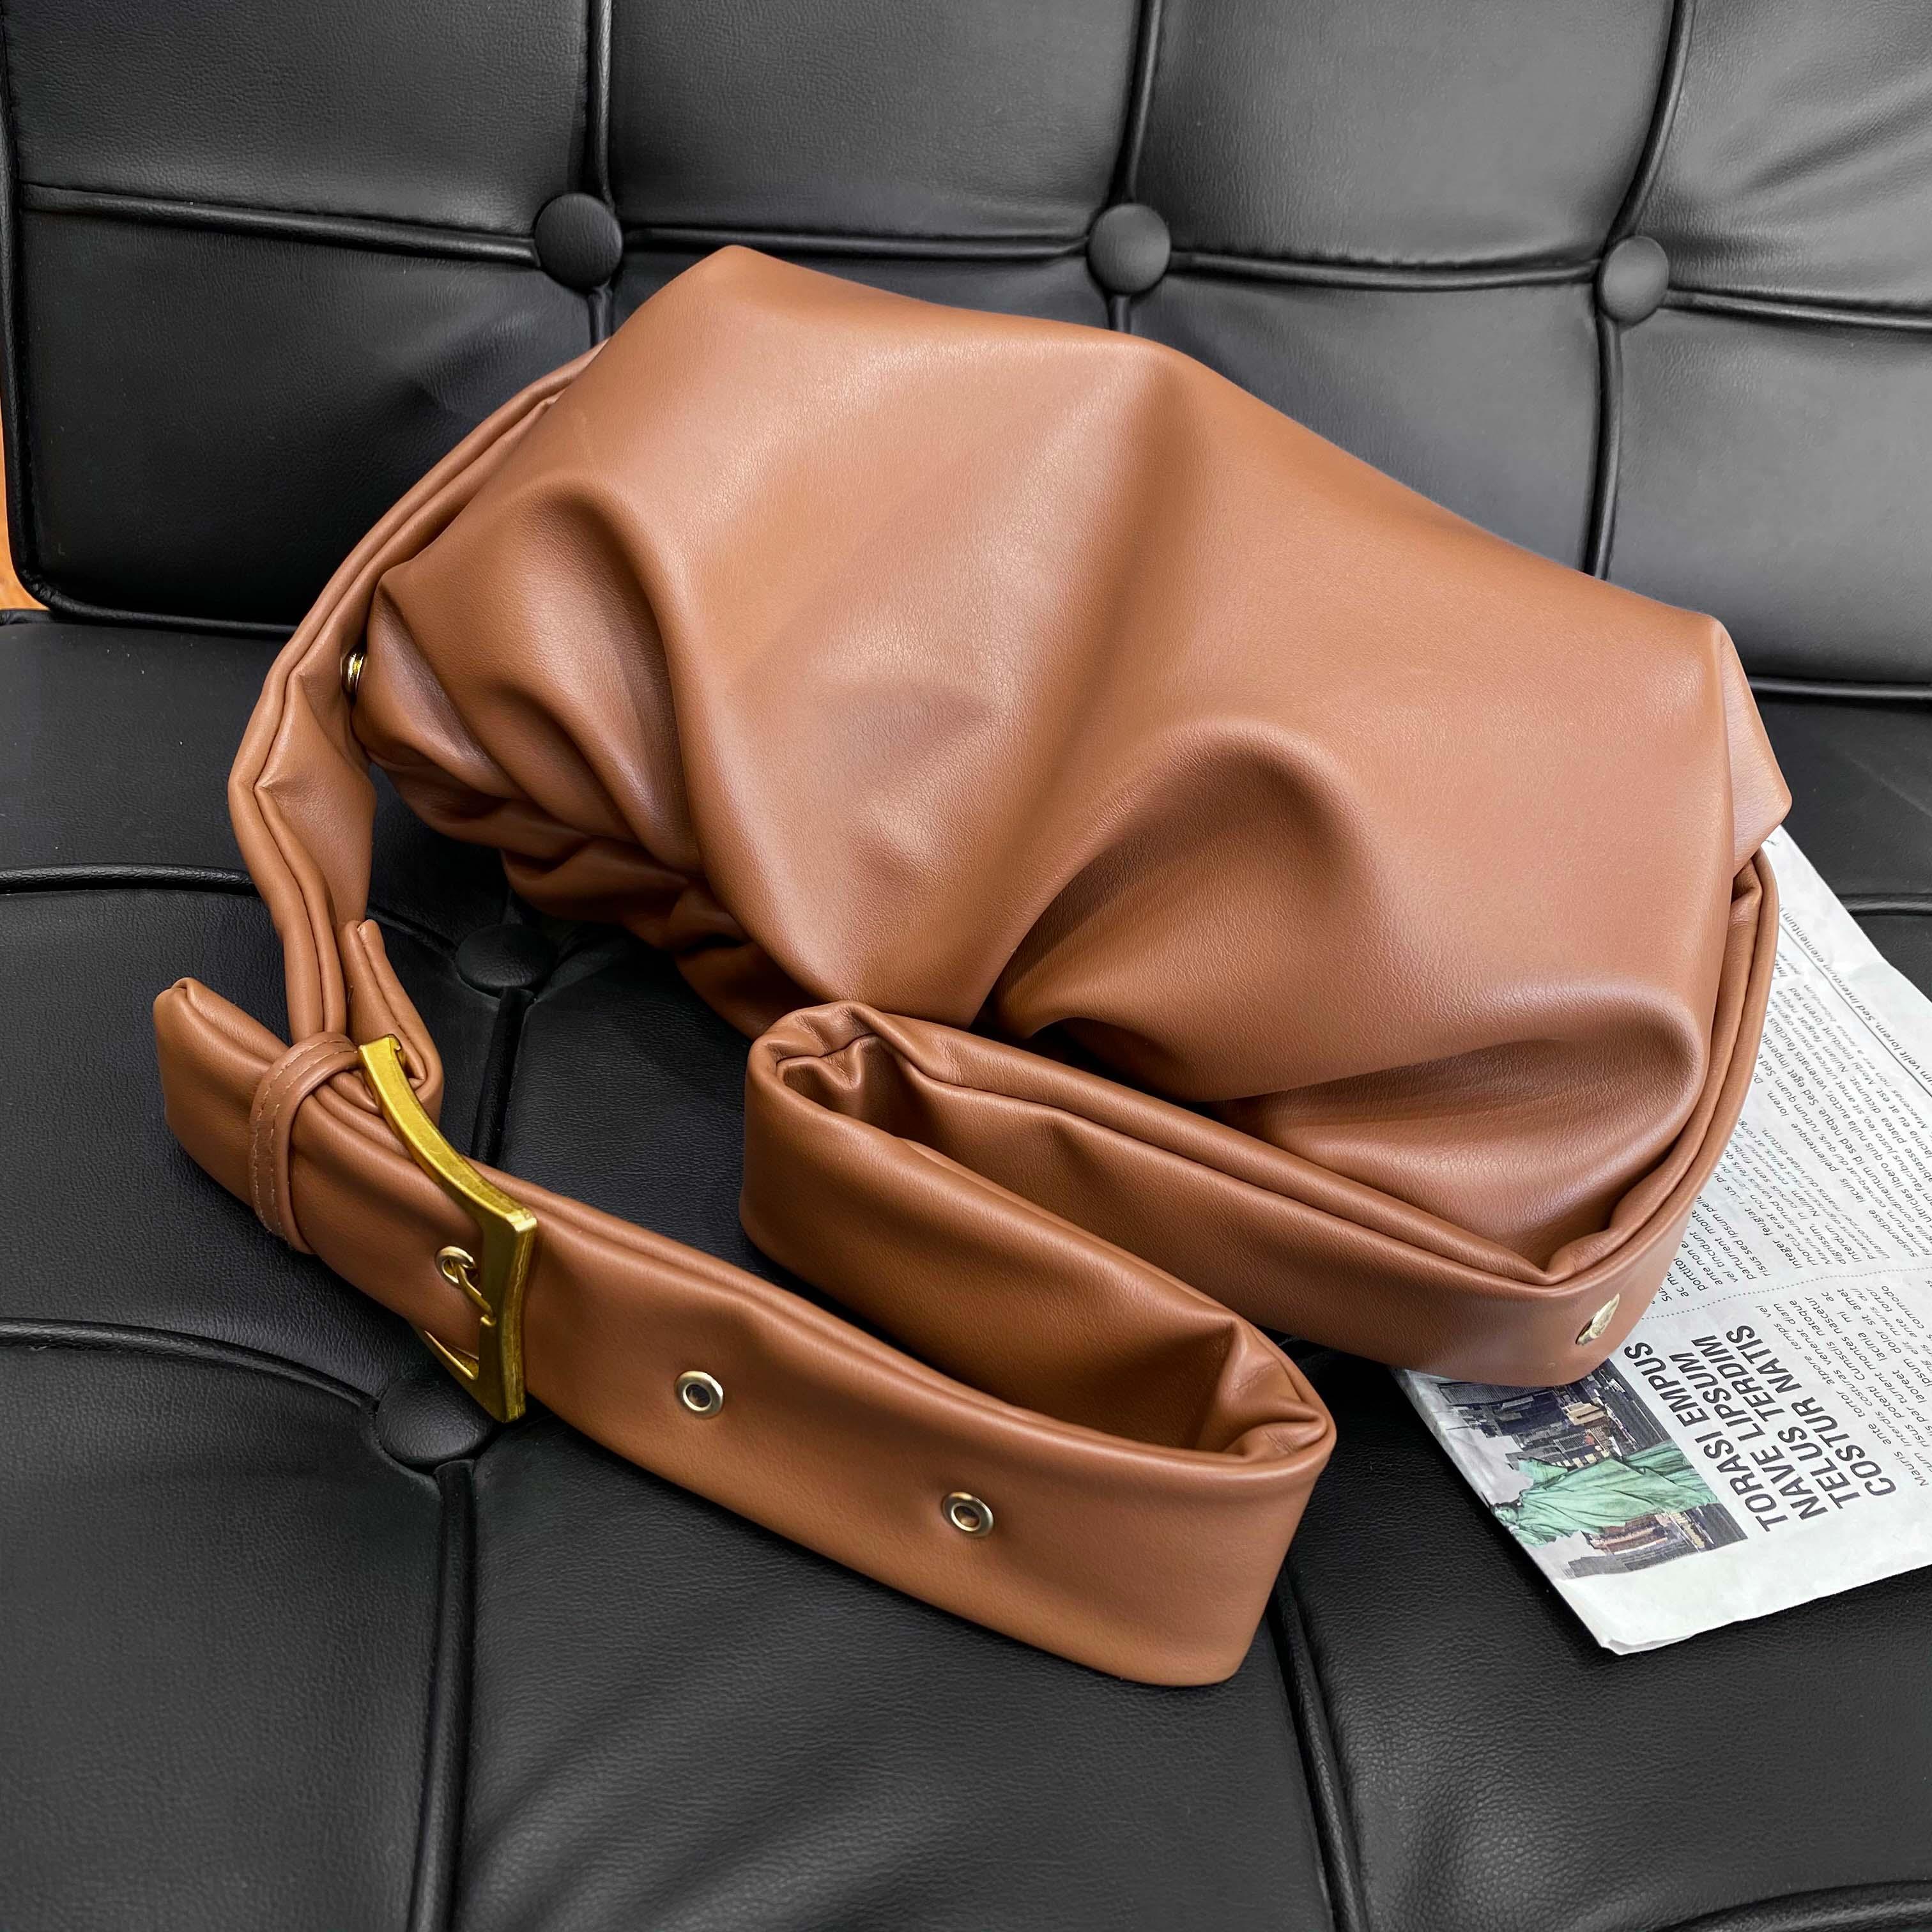 2021 novas meninas bolsas de ombro de couro macio do plutônio mini para as mulheres bolsa feminina marca tendências senhoras transportar diariamente sacos de mão